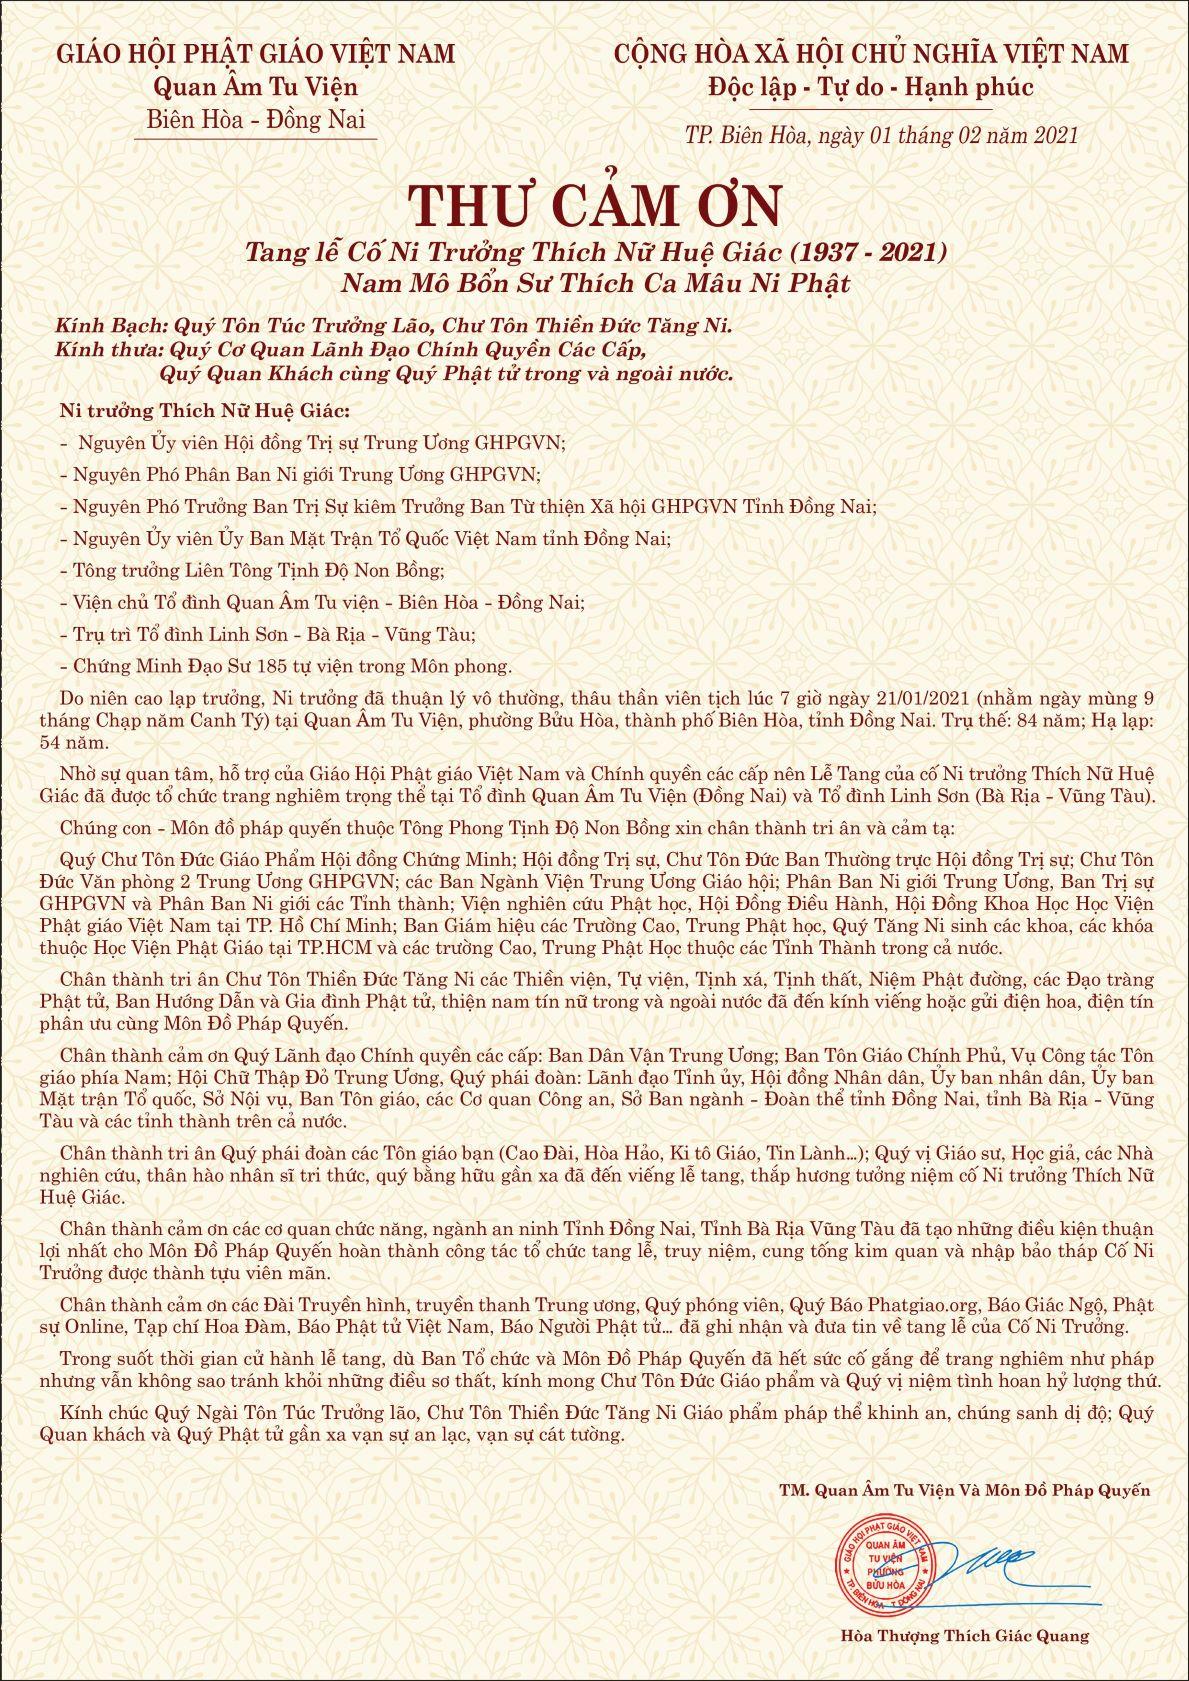 thu_cam_ta_tang_le_co_ni_truong_thich_nu_hue_giac_1937_2021_2.jpg